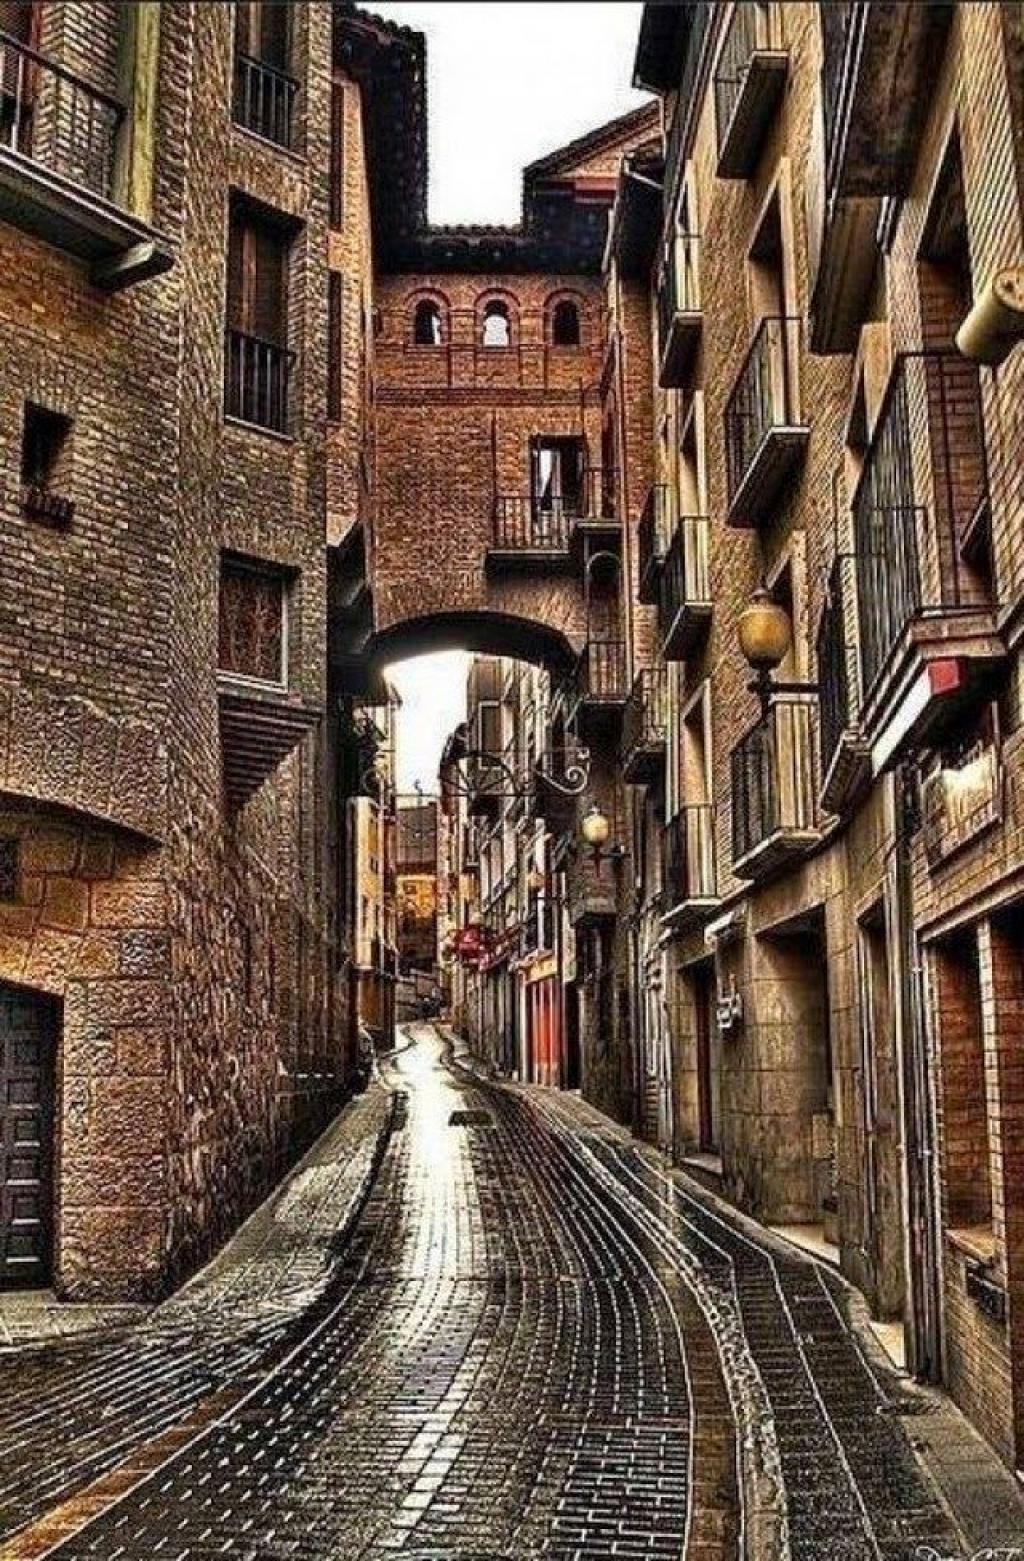 VIAJE GRUPAL A EUROPA DESDE BUENOS AIRES - Barcelona / Madrid / Niza / París / Londres / Asís / Florencia / Milan / Roma / San Gimignano / Venecia /  - Buteler Viajes